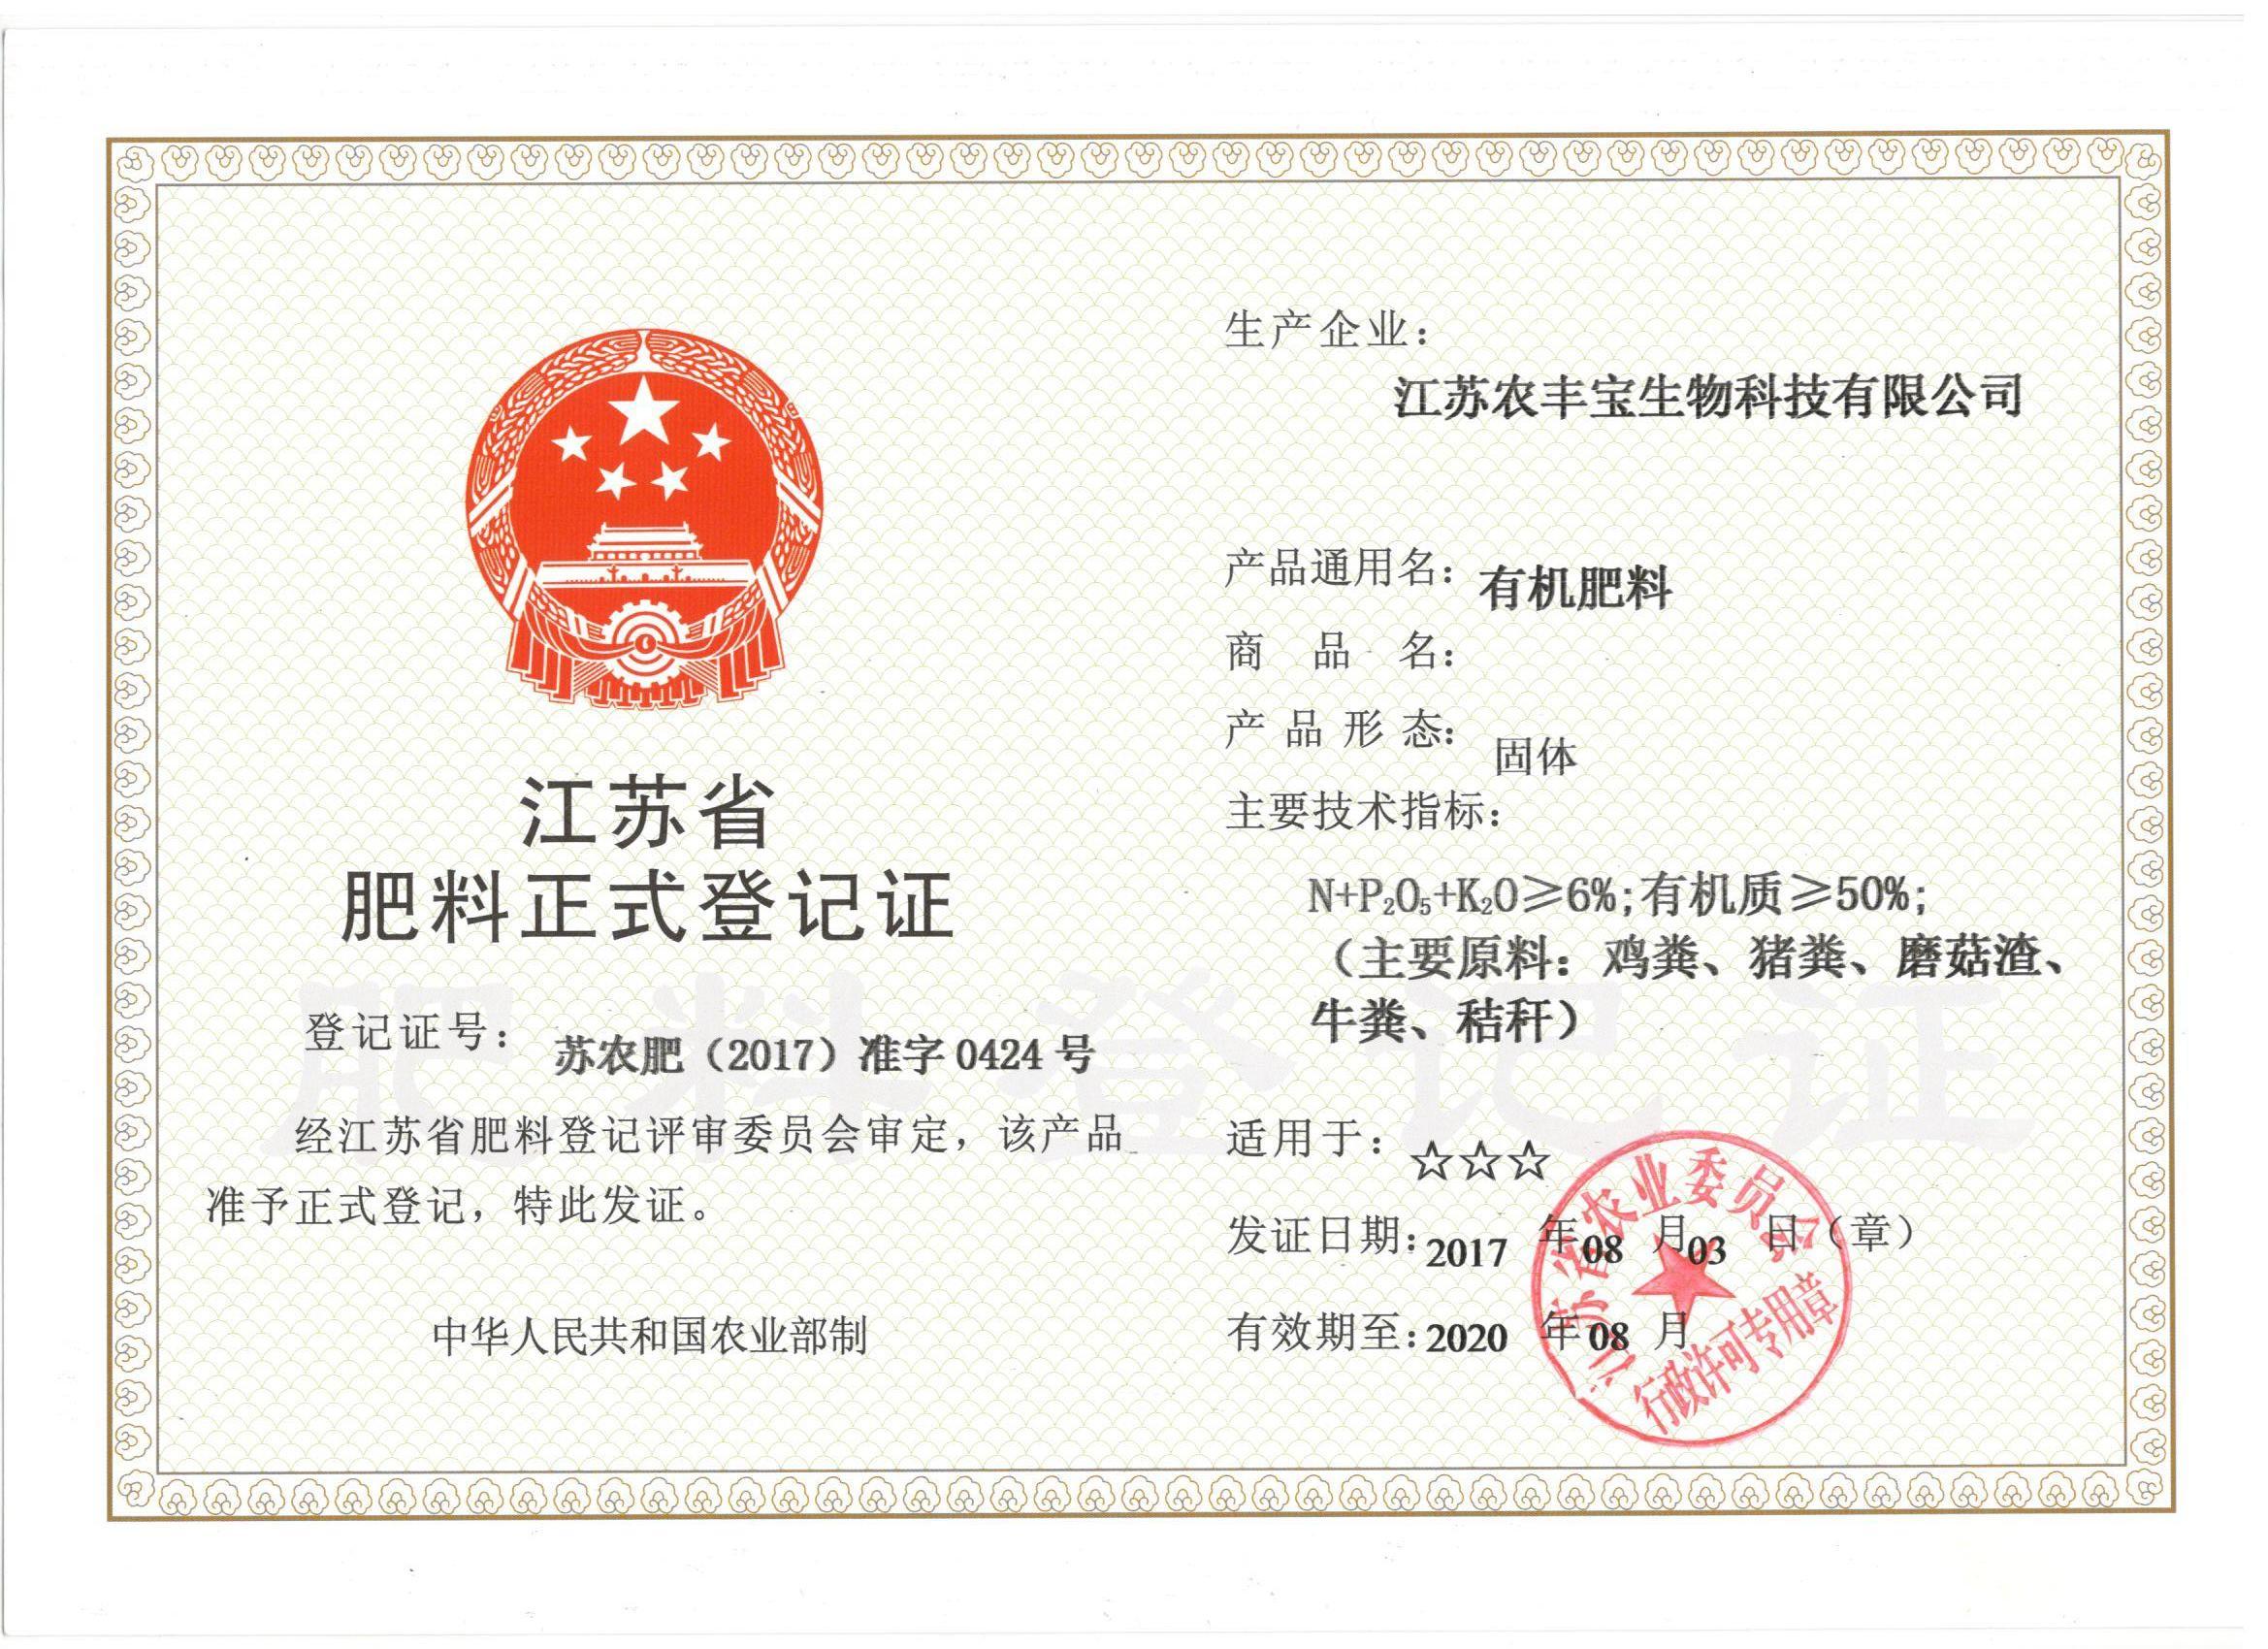 有机肥料固体粉状肥料正式登记证(0424)